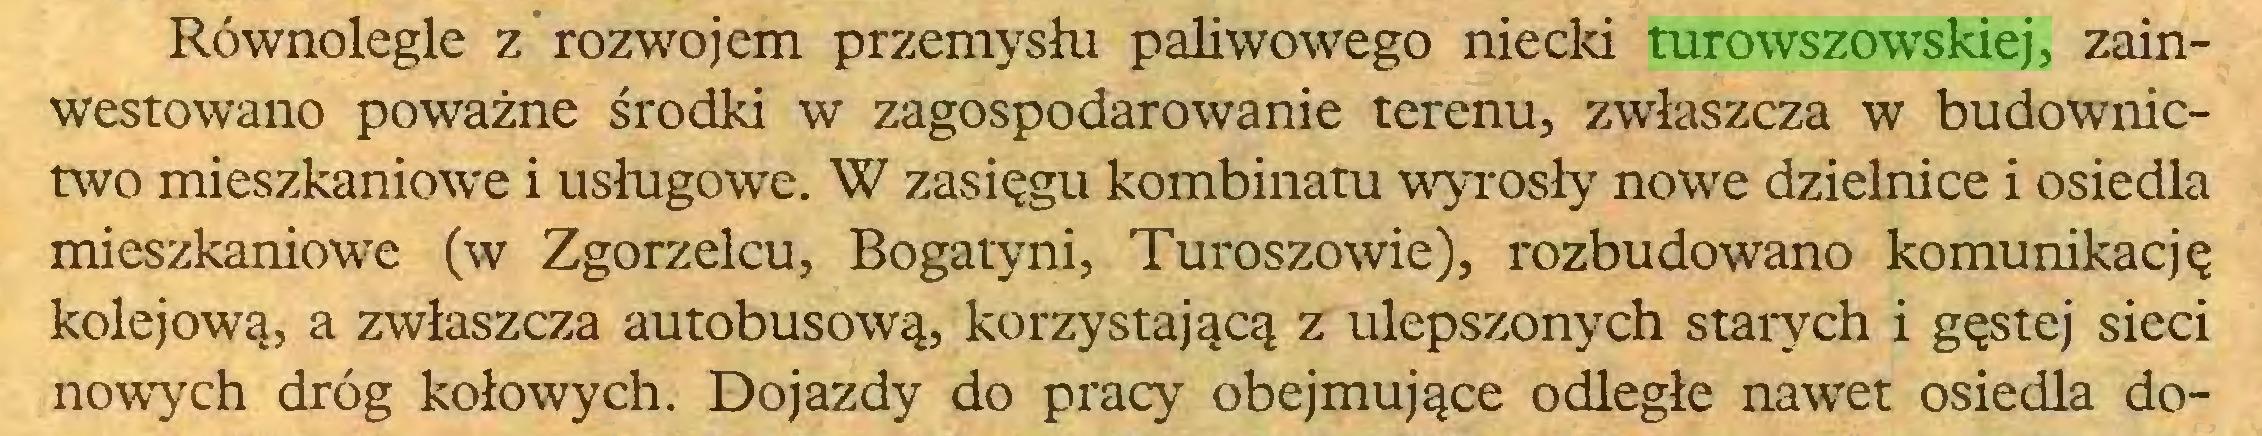 (...) Równolegle z rozwojem przemysłu paliwowego niecki turowszowskiej, zainwestowano poważne środki w zagospodarowanie terenu, zwłaszcza w budownictwo mieszkaniowe i usługowe. W zasięgu kombinatu wyrosły nowe dzielnice i osiedla mieszkaniowe (w Zgorzelcu, Bogatyni, Turoszowie), rozbudowano komunikację kolejową, a zwłaszcza autobusową, korzystającą z ulepszonych starych i gęstej sieci nowych dróg kołowych. Dojazdy do pracy obejmujące odległe nawet osiedla do...